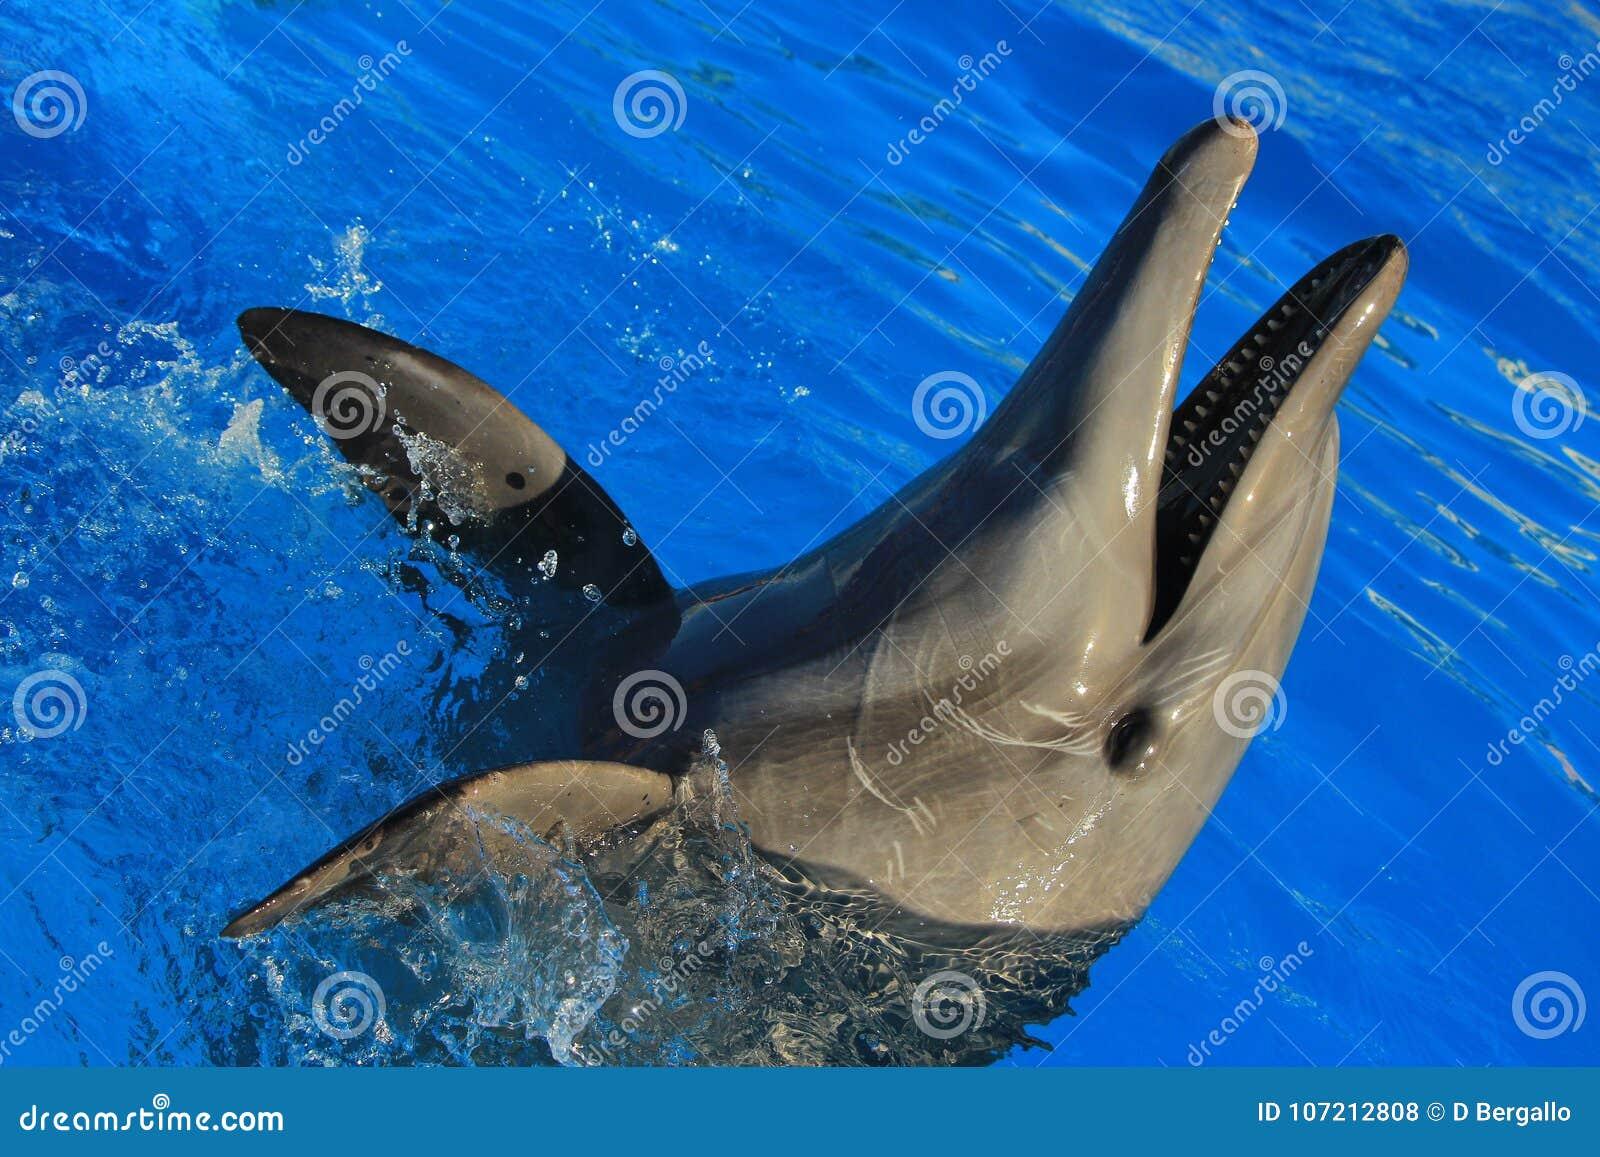 Dolphin playing at aquarium in baja california Los Cabos delfin nariz de botella